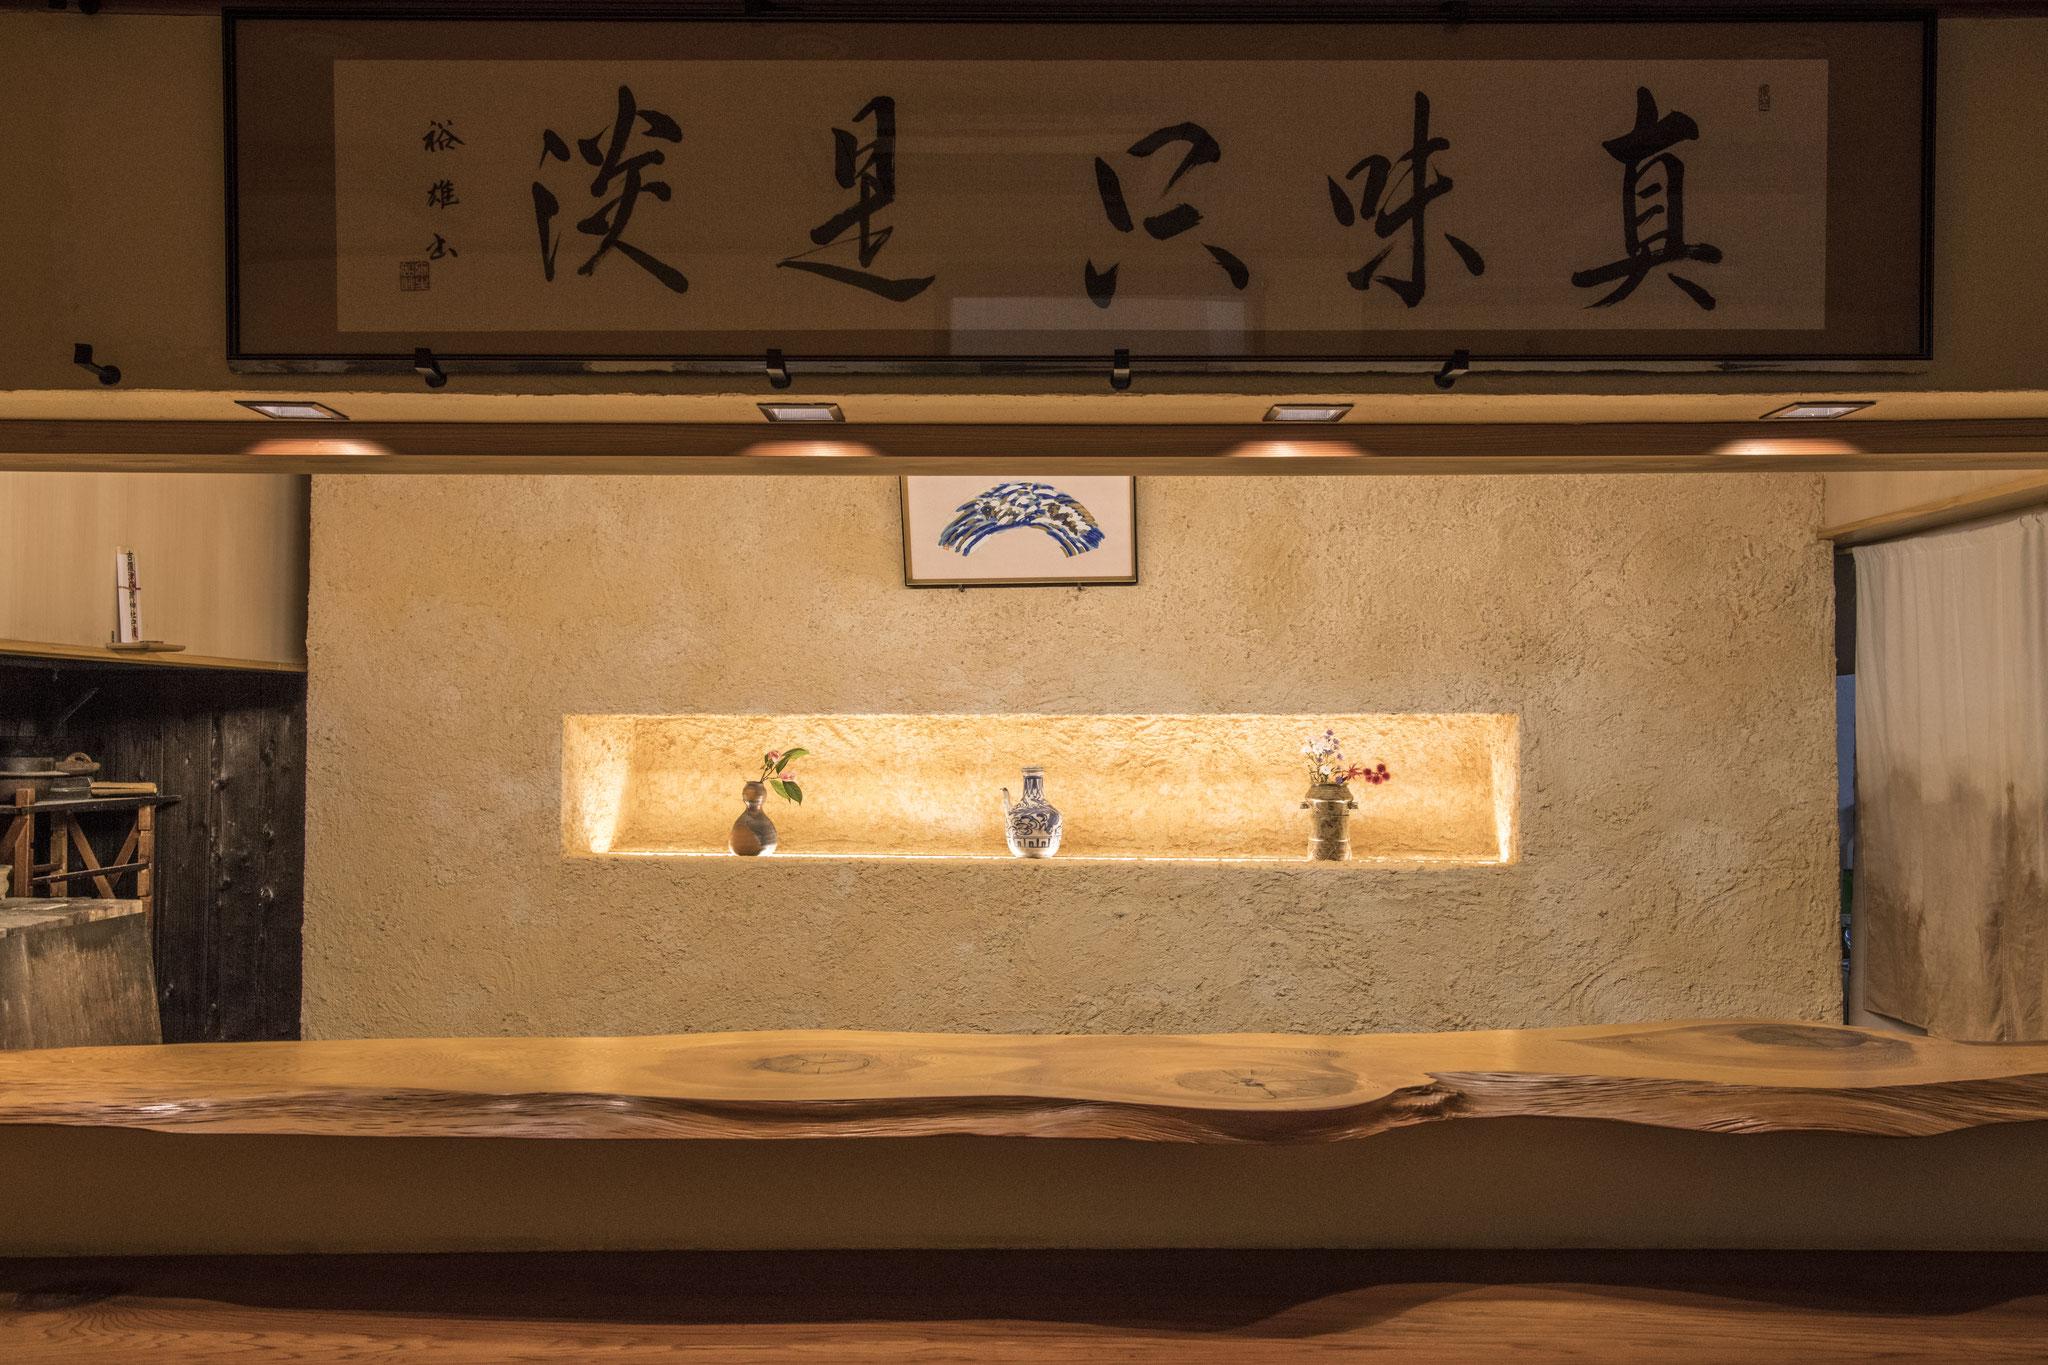 『真味只是淡』屋号同様、大本山西國寺麻生裕雄書。カウンター内、入り口の漆喰は亭主が掌で塗り上げました。